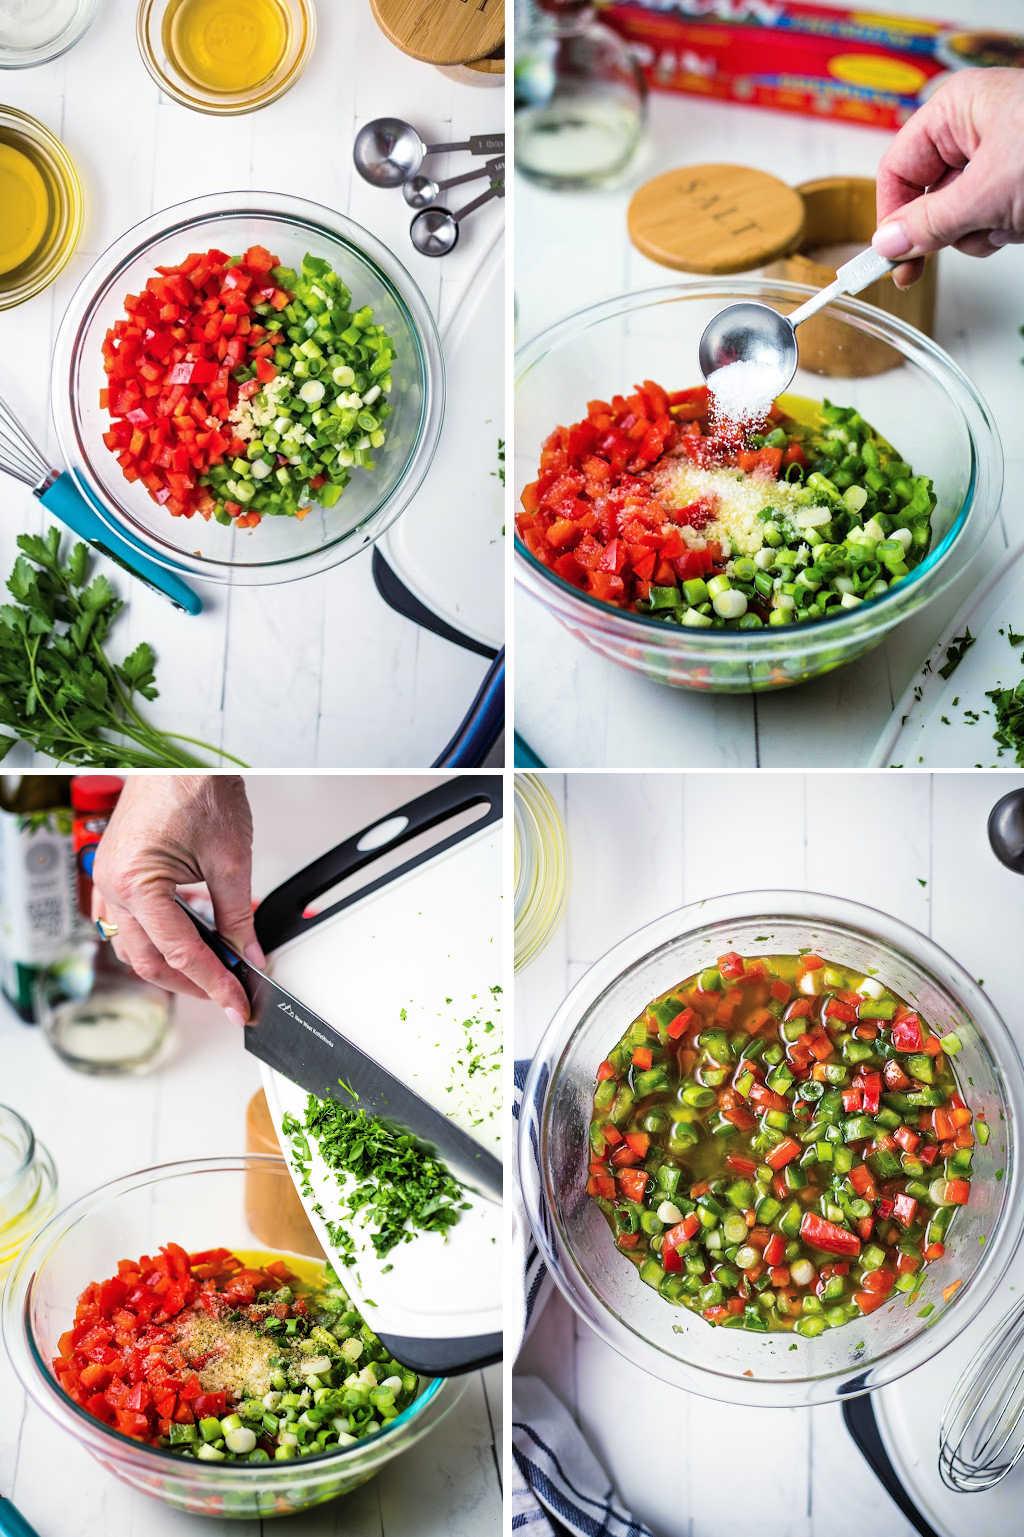 process steps for making vinaigrette for black eyed pea salad.